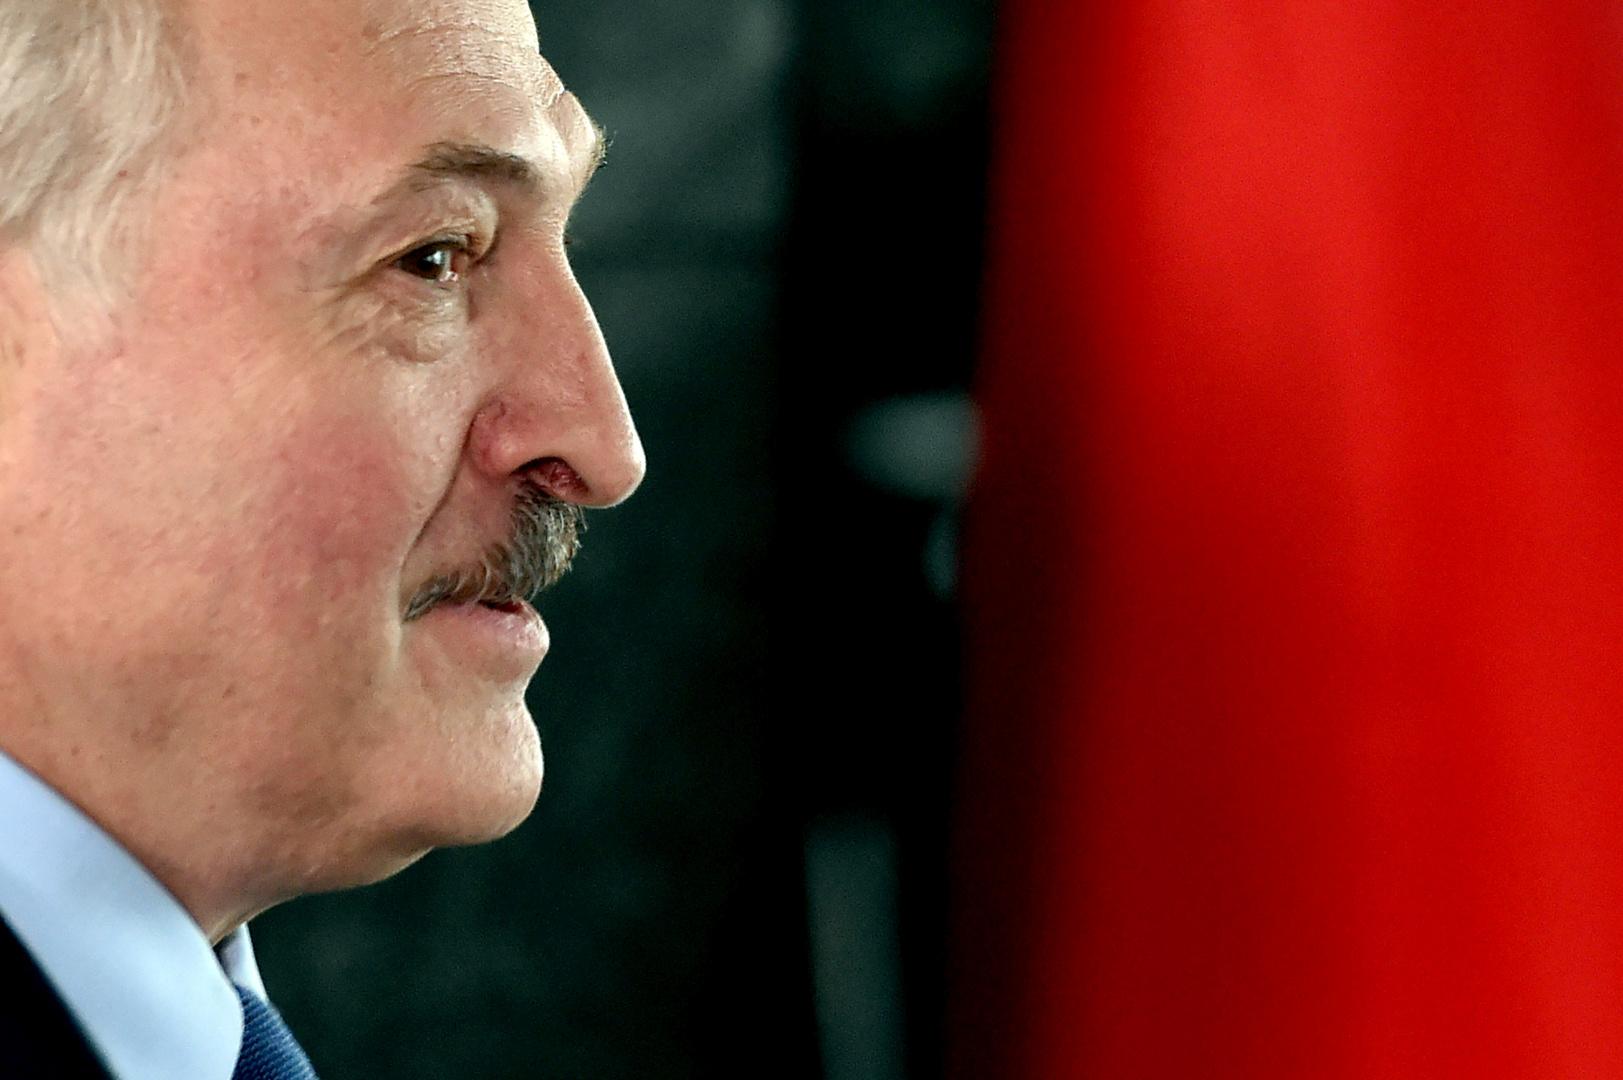 لوكاشينكو يهنئ الأسد بالفوز الانتخابي ويؤكد اهتمام بيلاروس بالمشاركة في إعادة إعمار سوريا